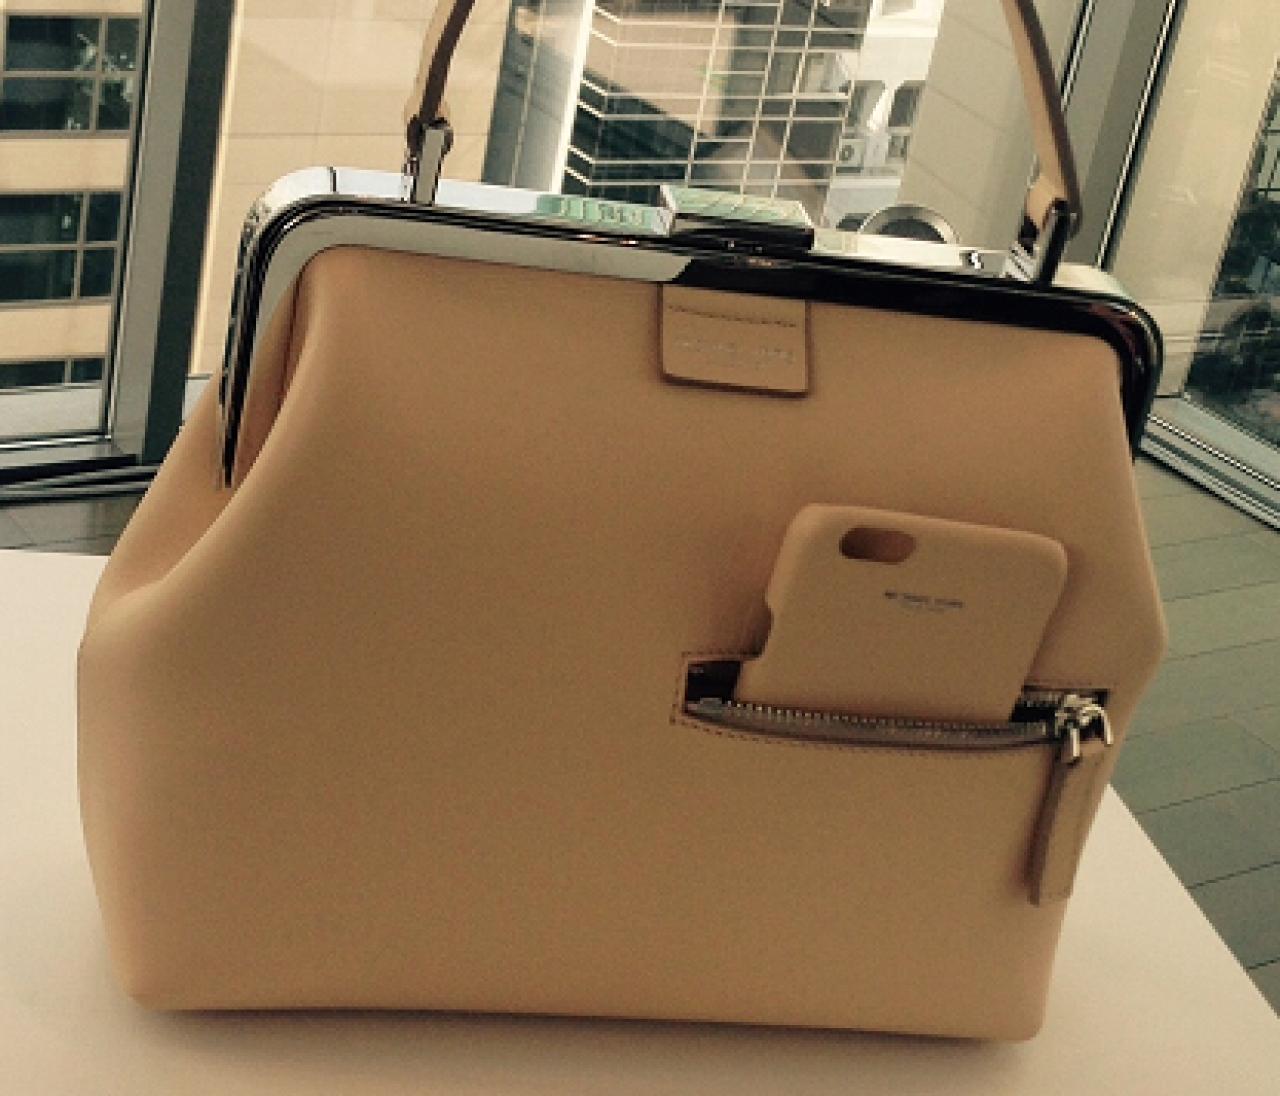 マイケル コースで見つけた、iphoneケースがセットのバッグ